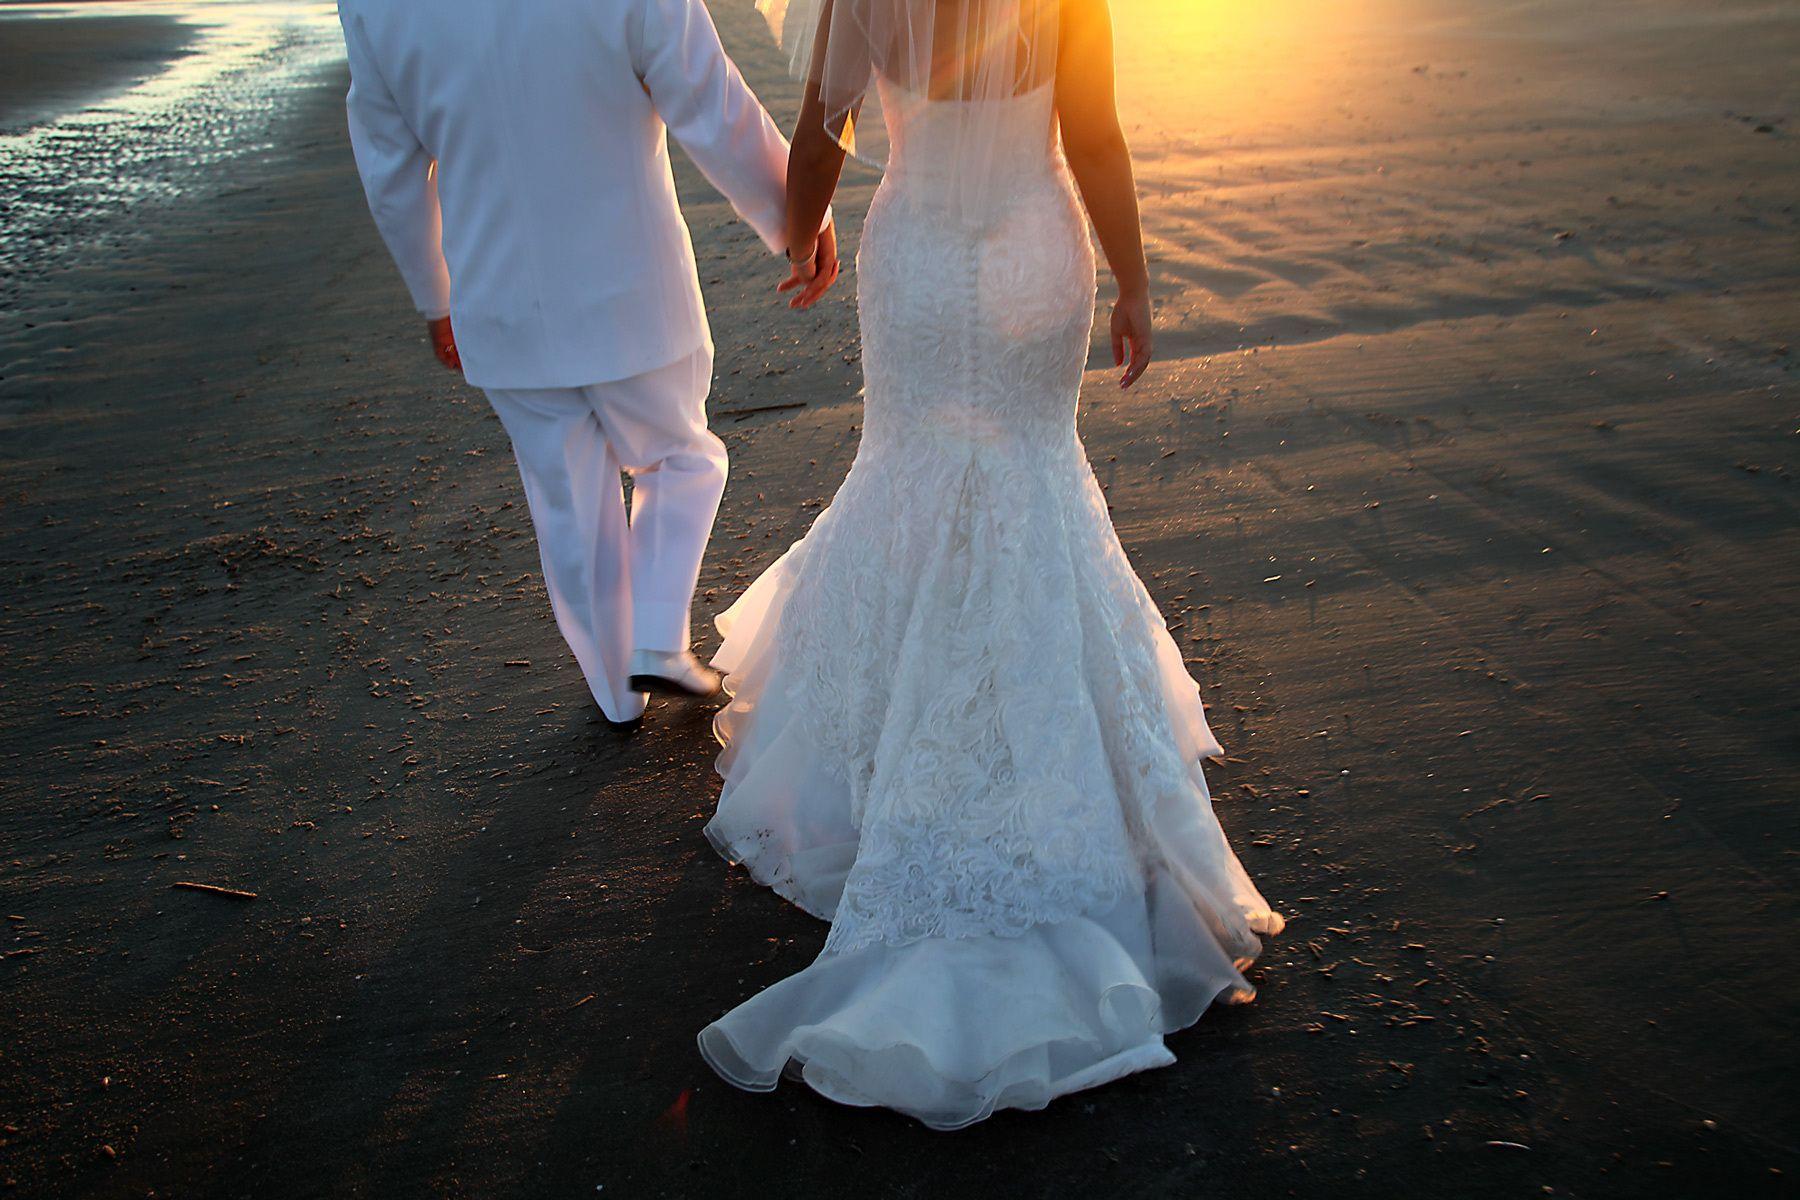 13_0_86_1myrtle_beach_wedding_photo_15